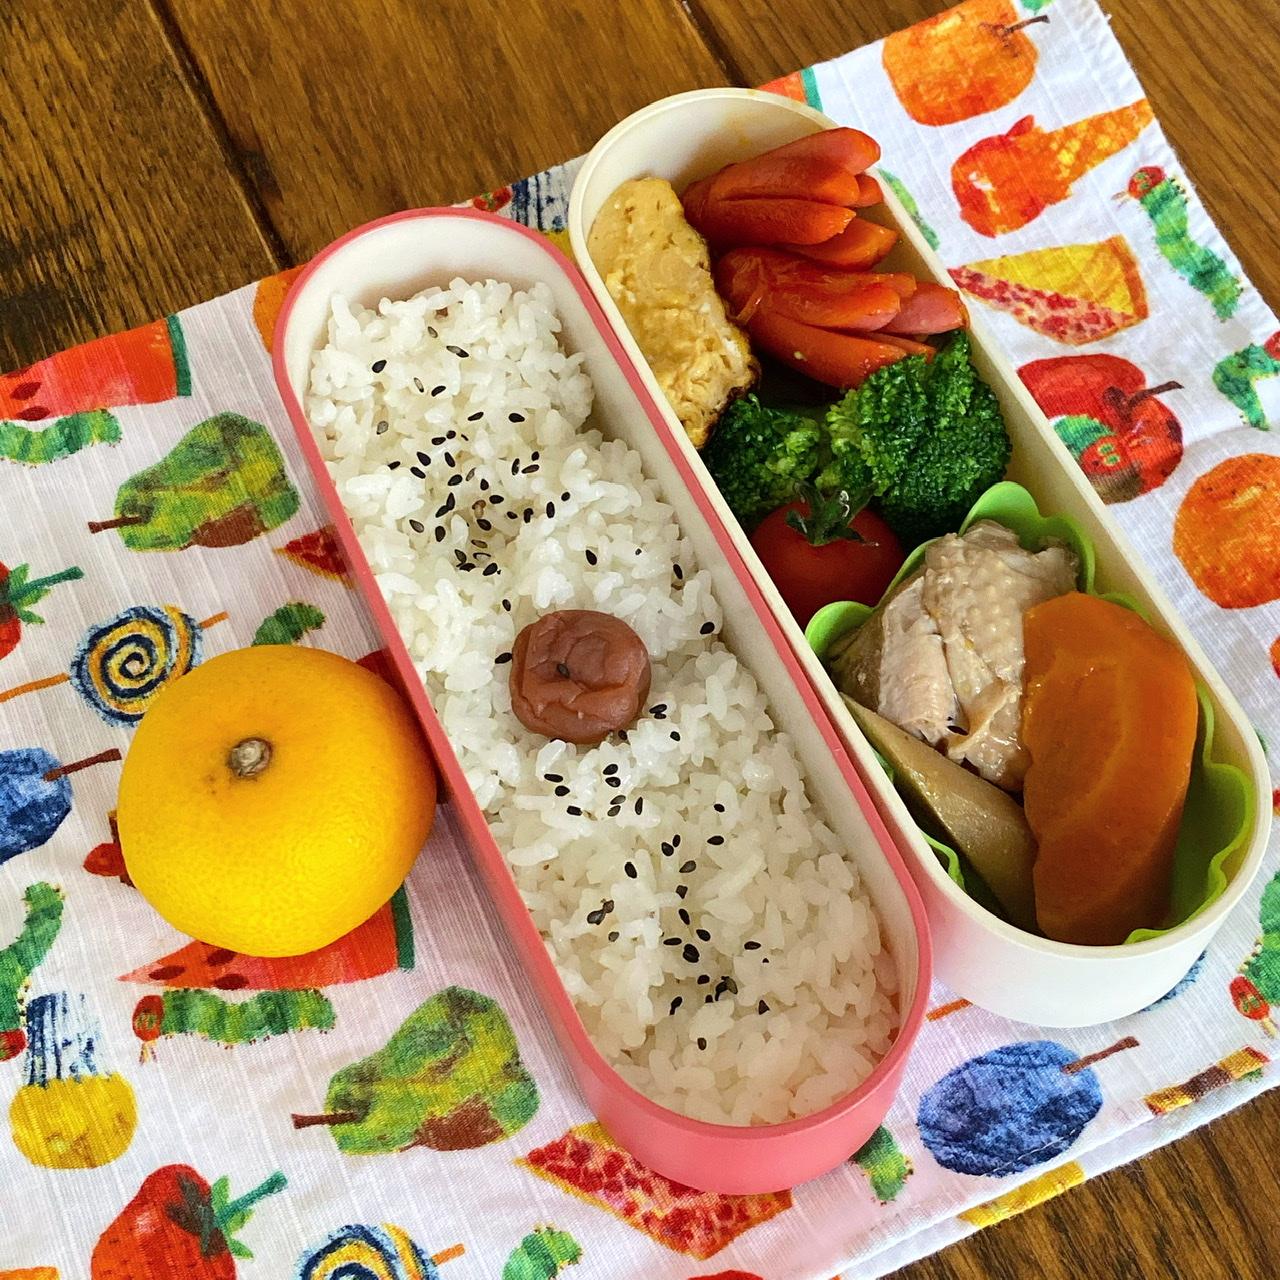 今週の幼稚園弁当は日の丸ごはんの普通のお弁当